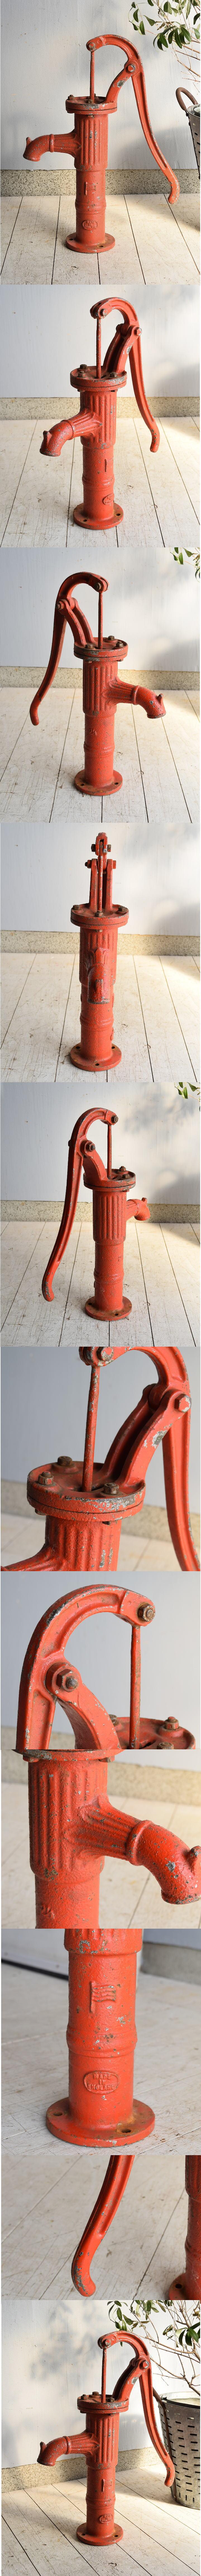 イギリス アンティーク ウォーターポンプ 井戸 ガーデニング 7529